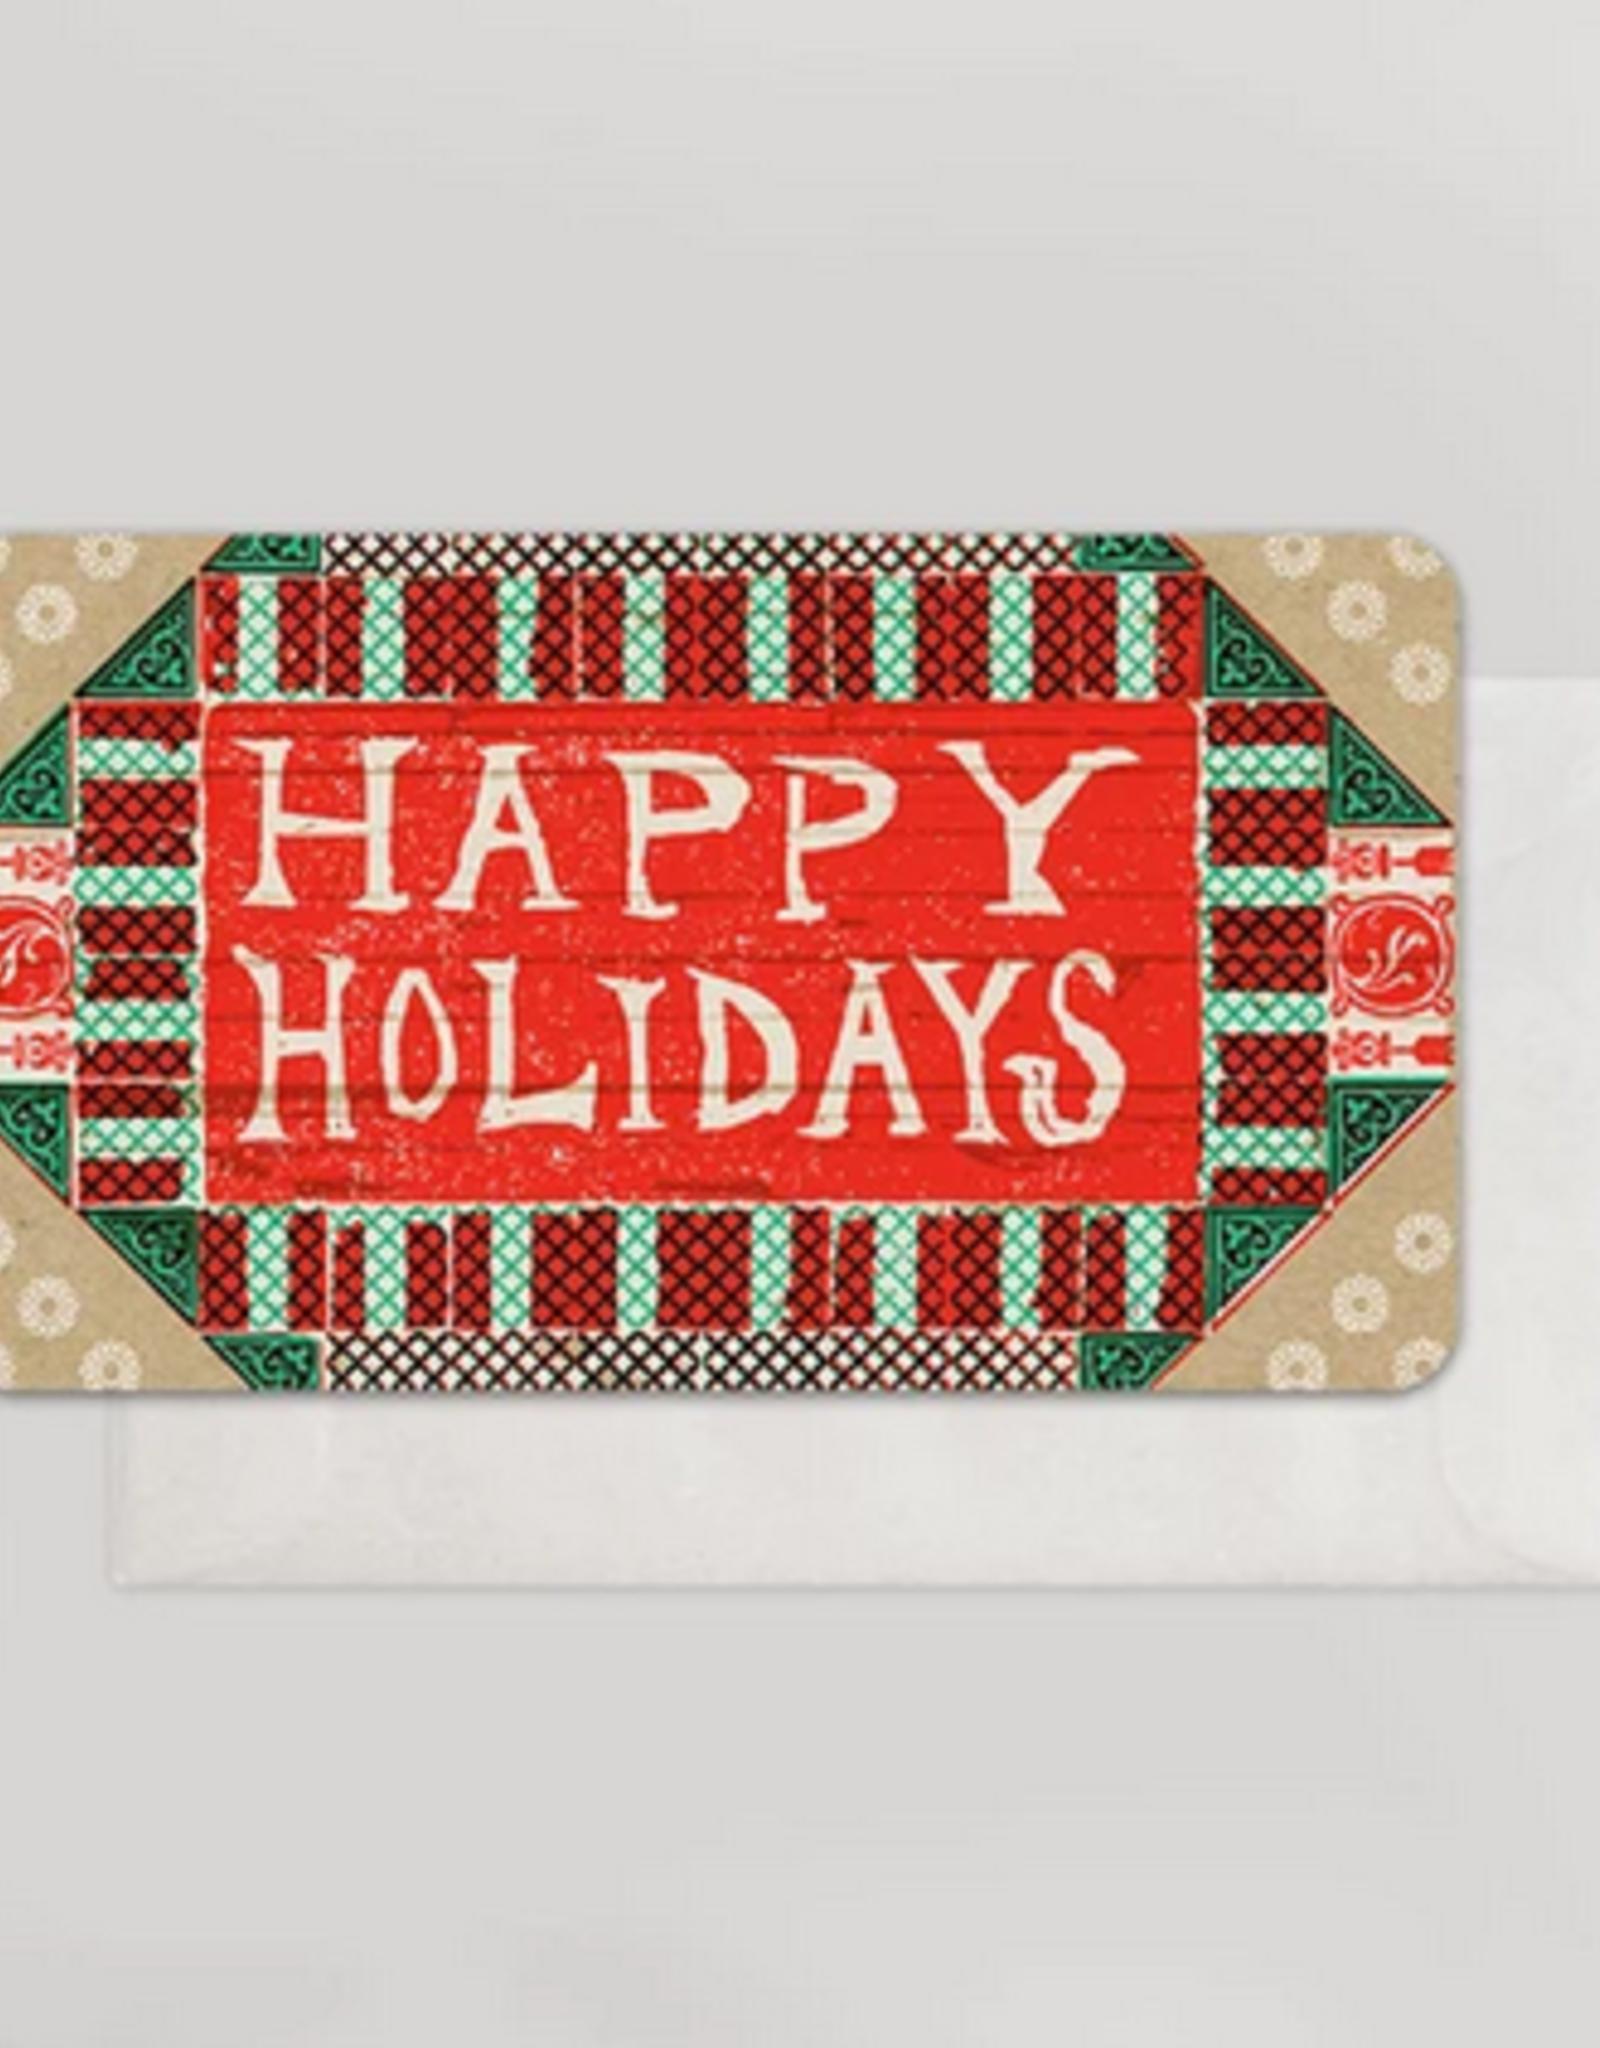 Happy Holidays Bedrock Mini Card